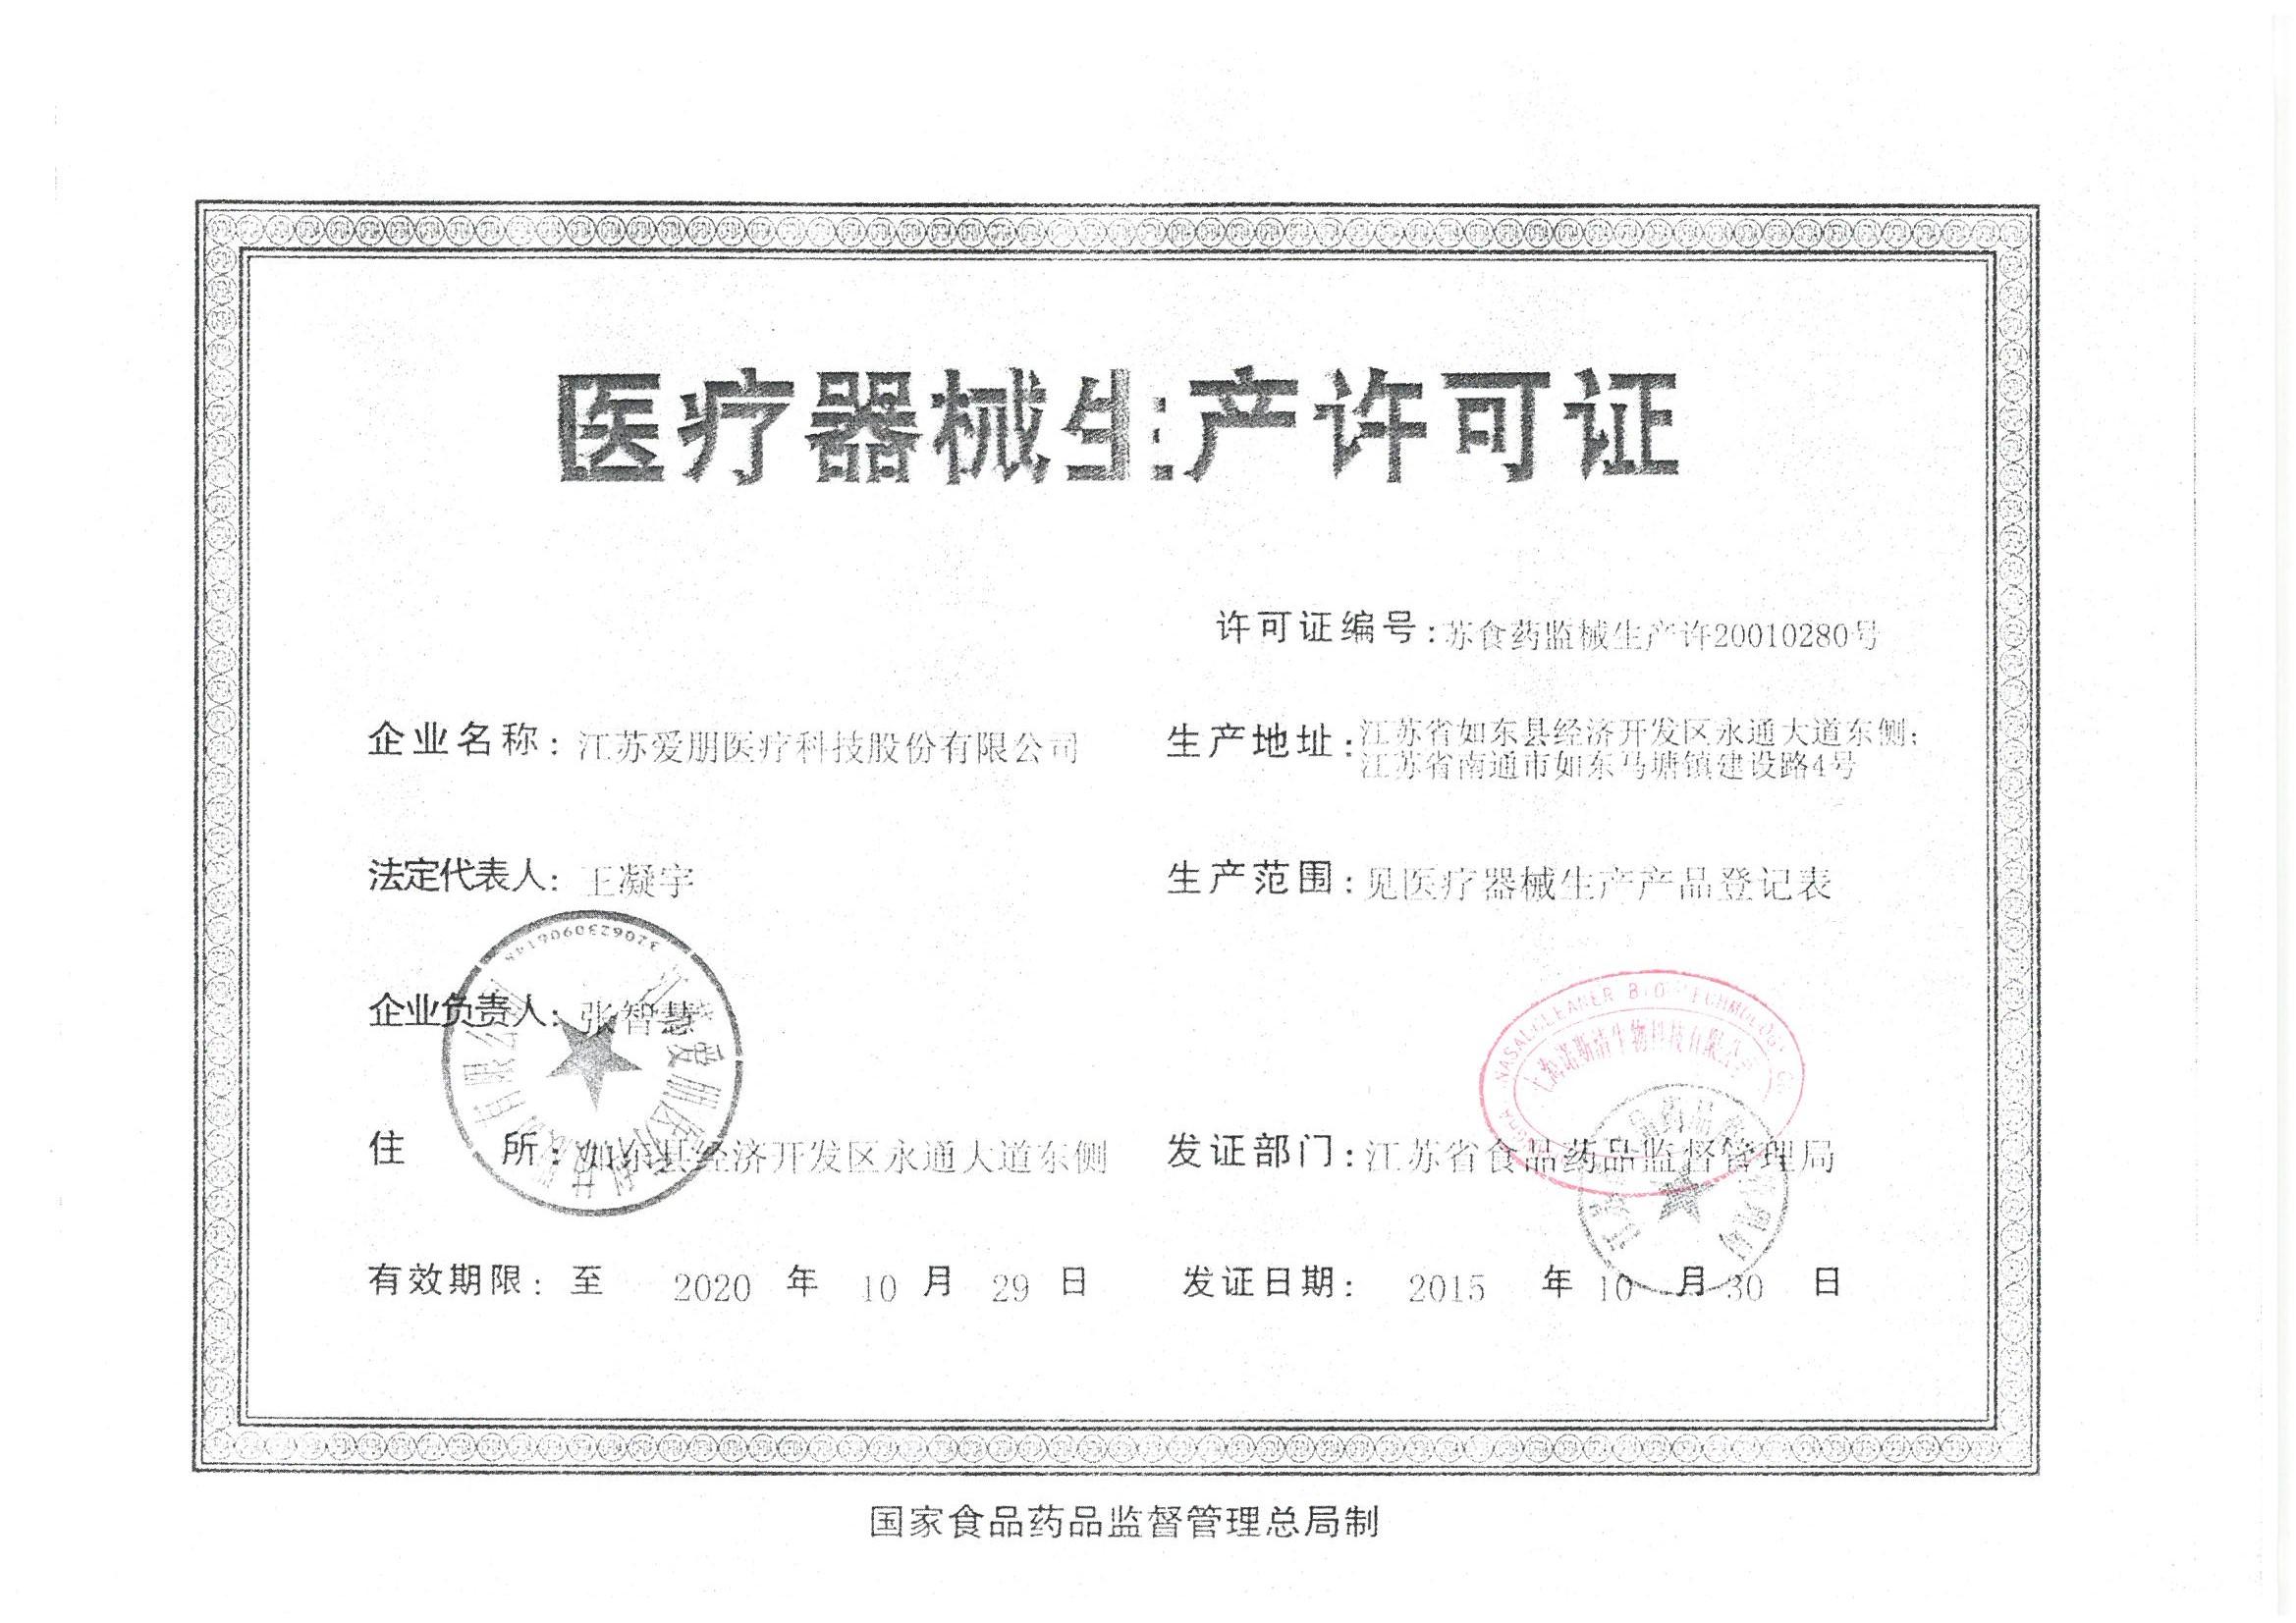 诺斯清生产许可证